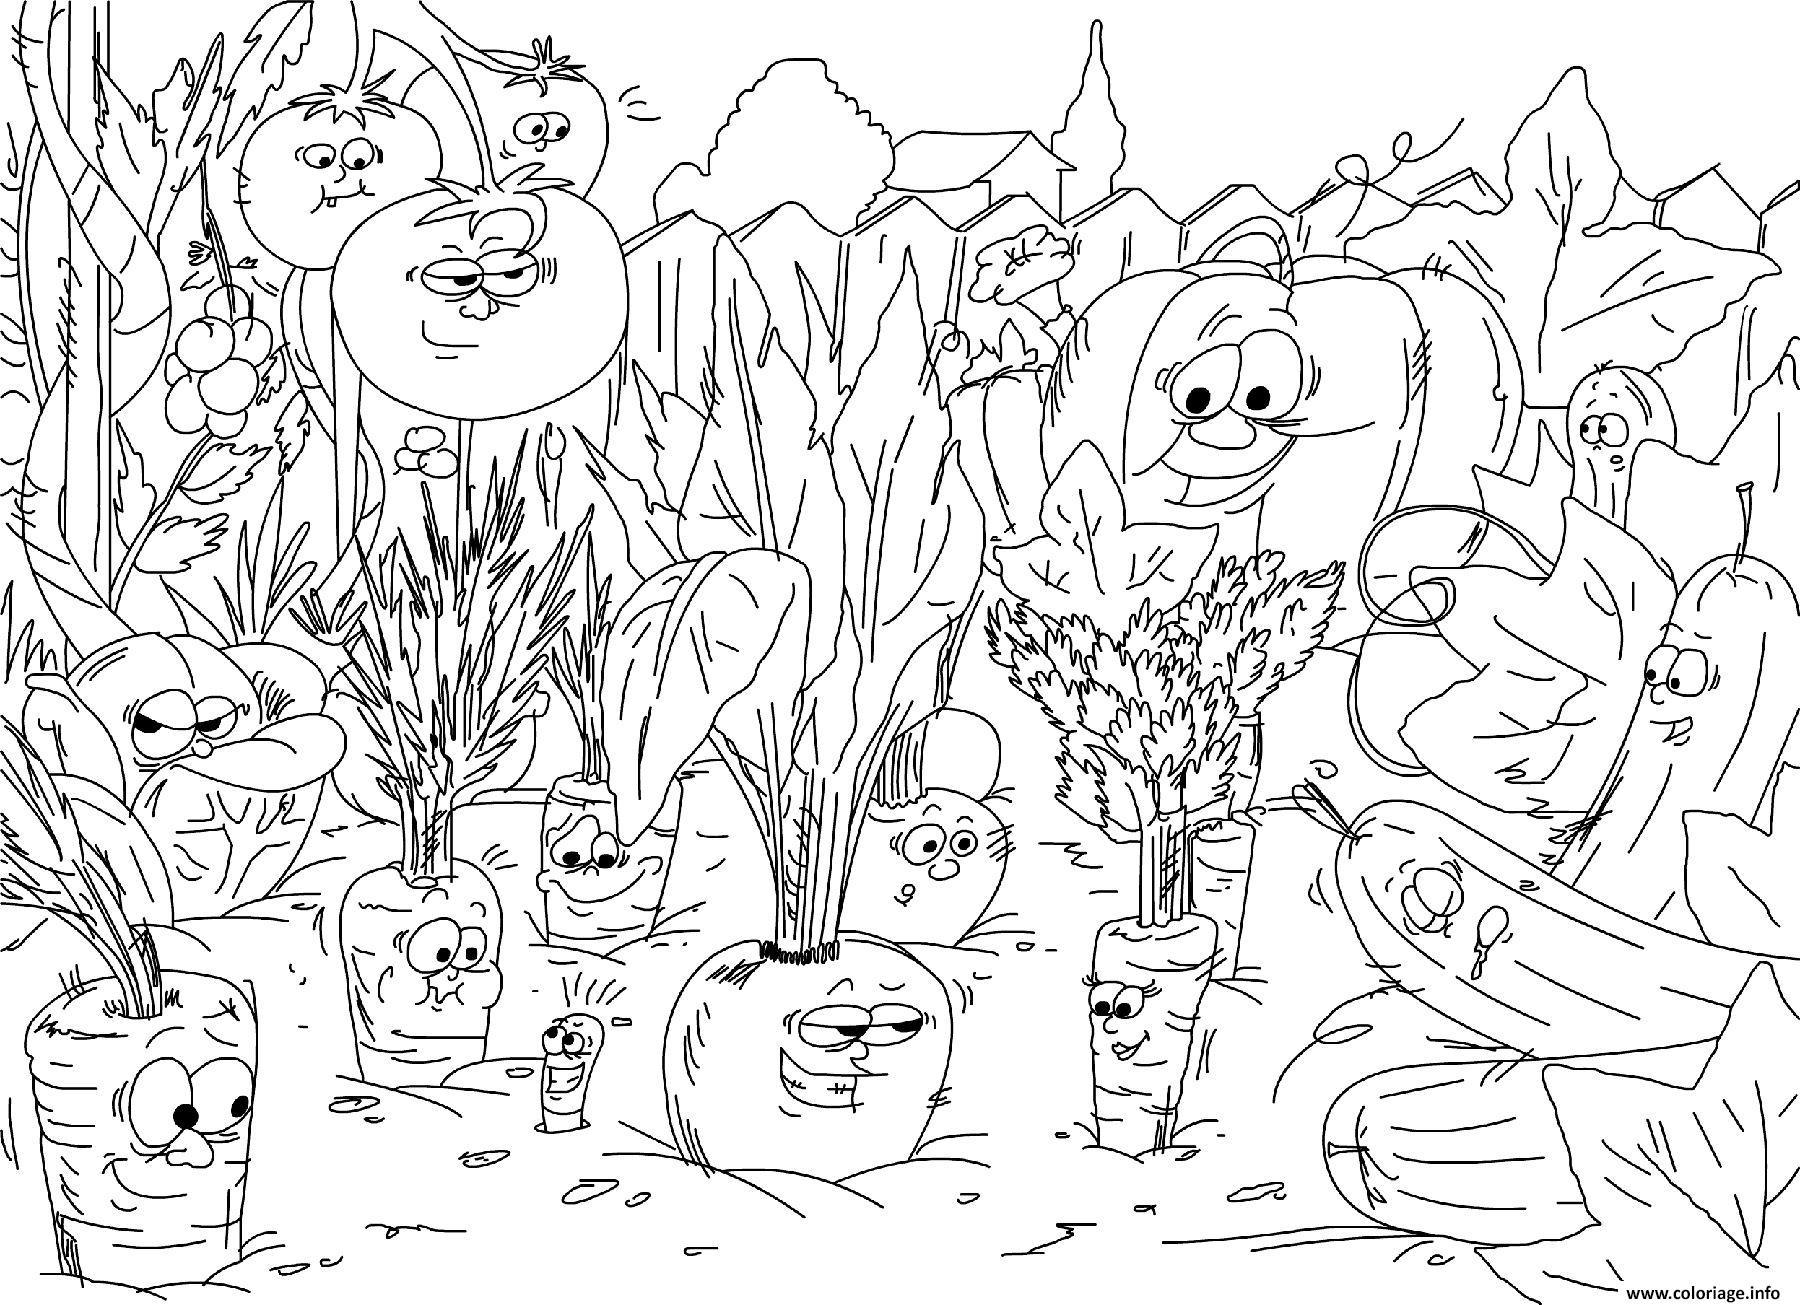 Coloriage nature jardin de legumes carottes - JeColorie.com